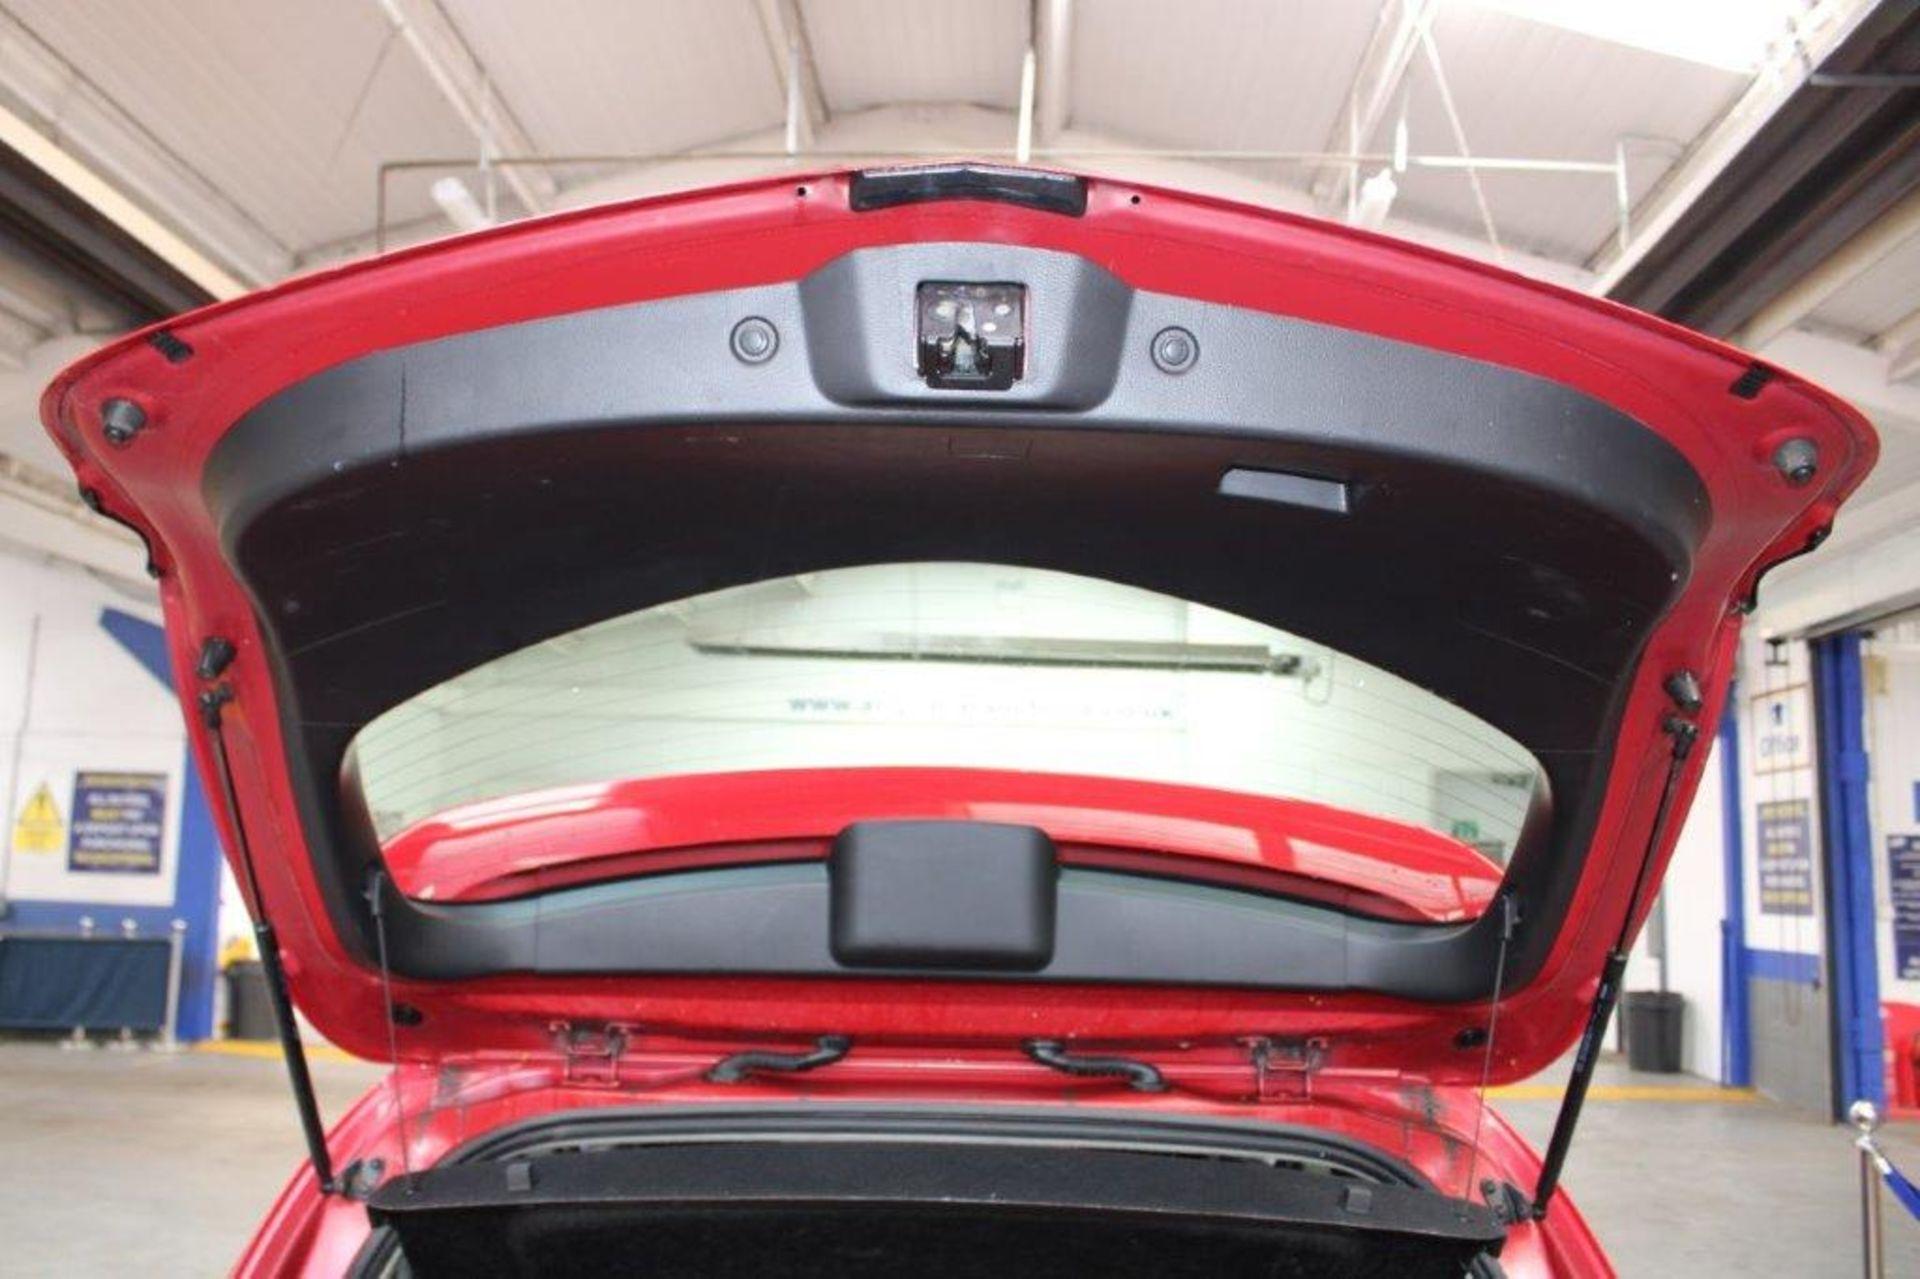 60 11 Mazda 3 Sport - Image 19 of 26